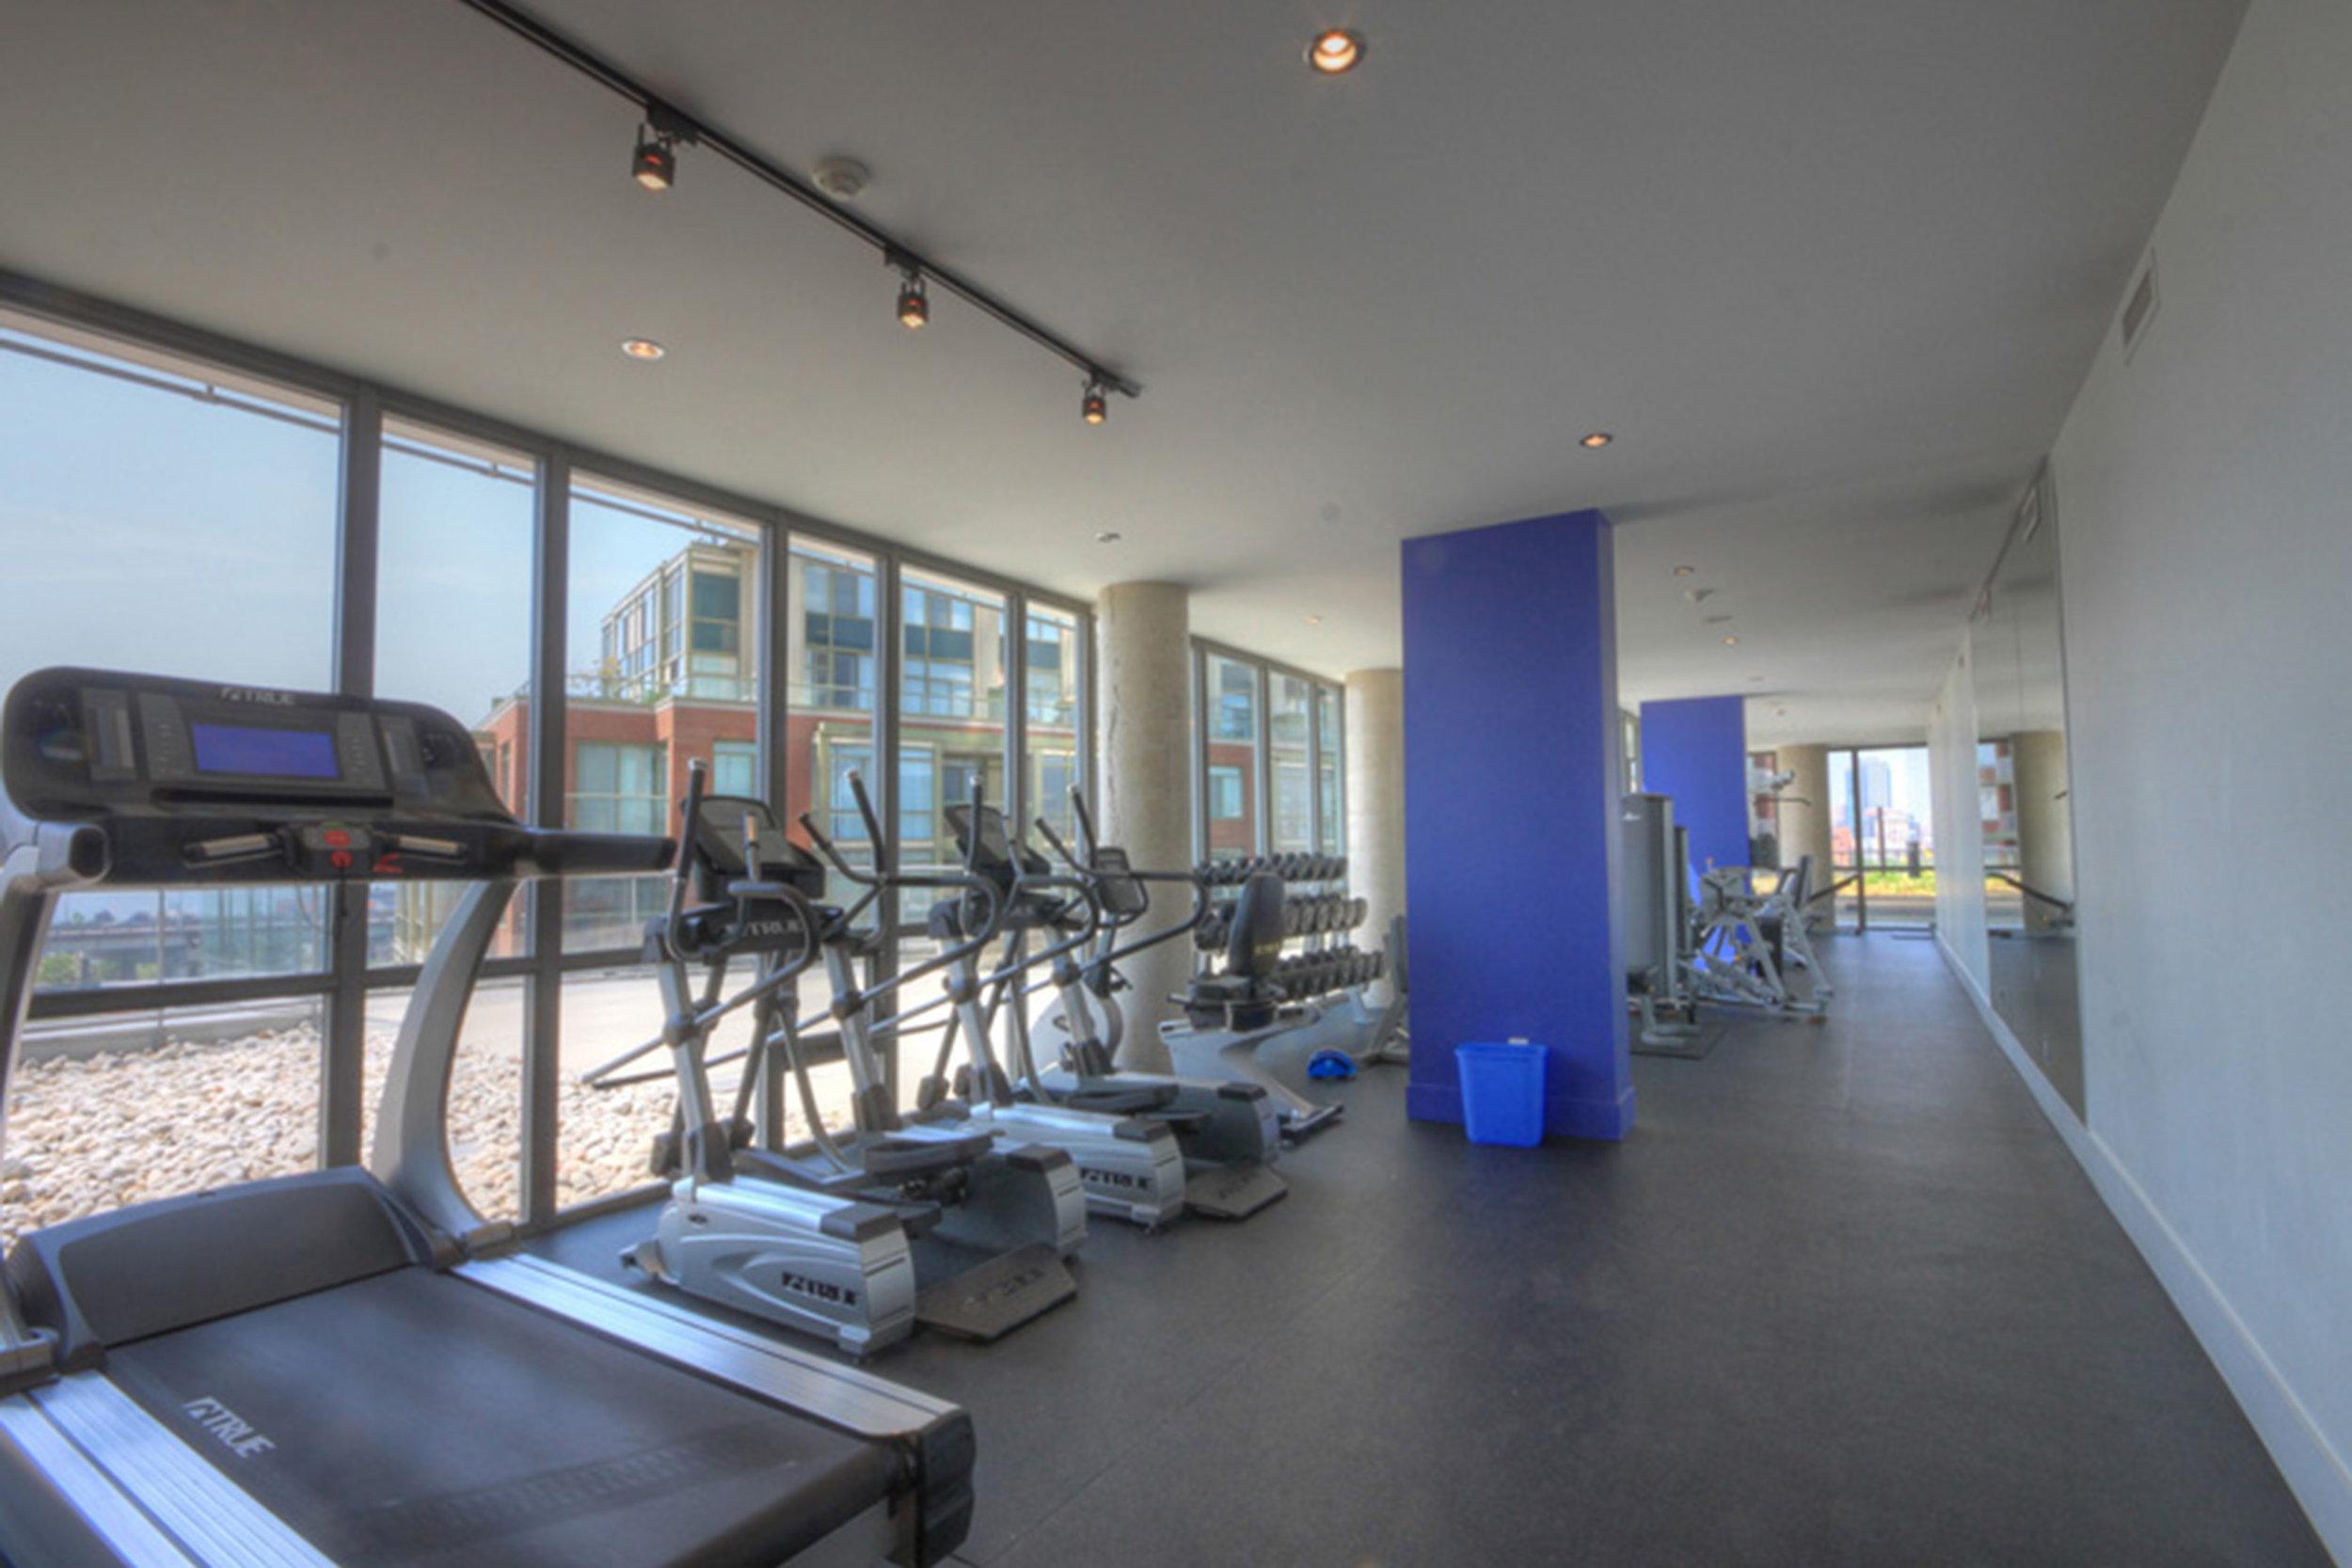 18 - Gym.jpg